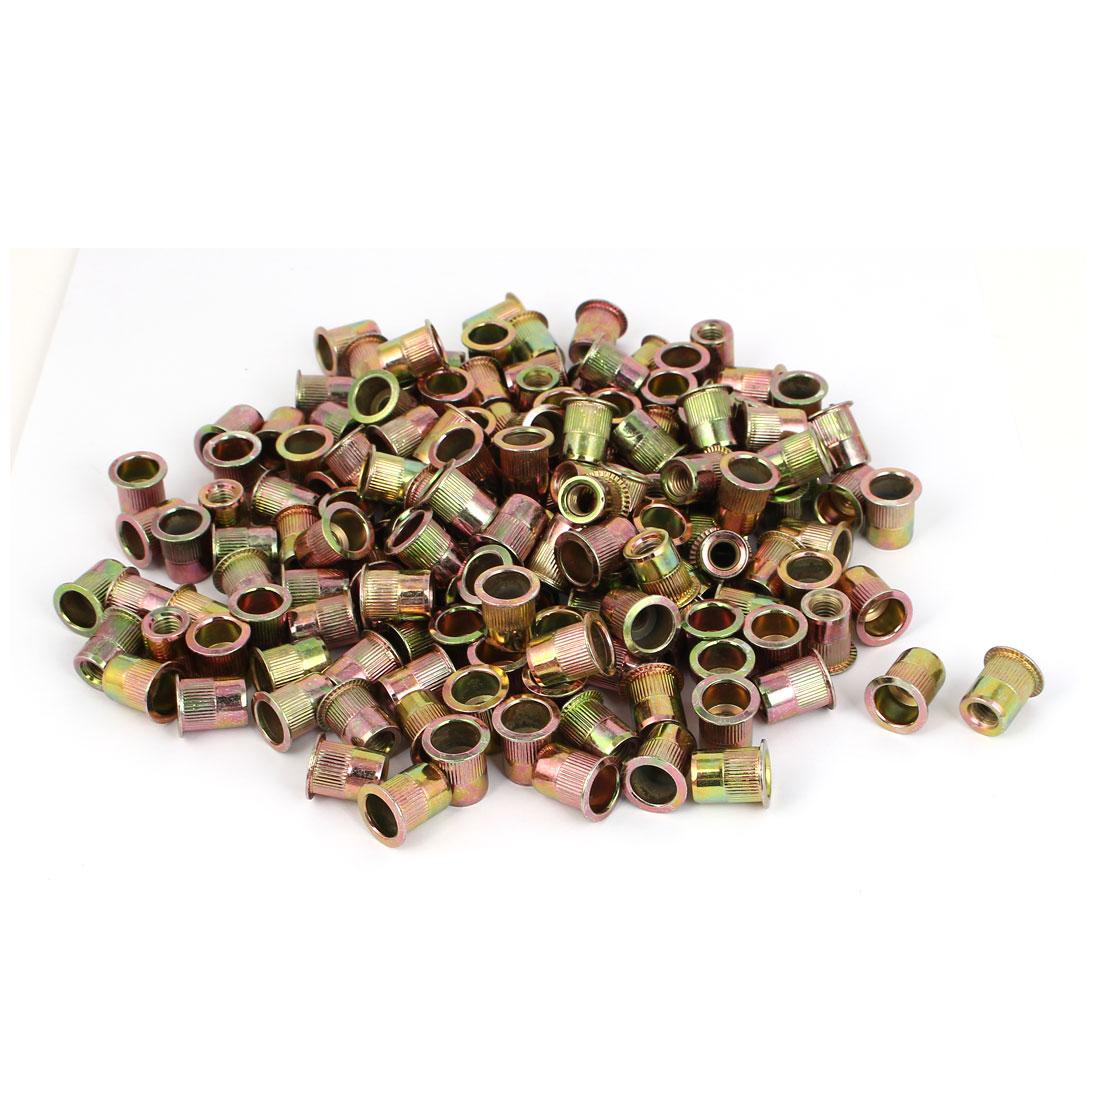 Straight Knurled Reduced Head Rivet Nut Insert Nutsert Bronze Tone M8x13.5mm 200pcs